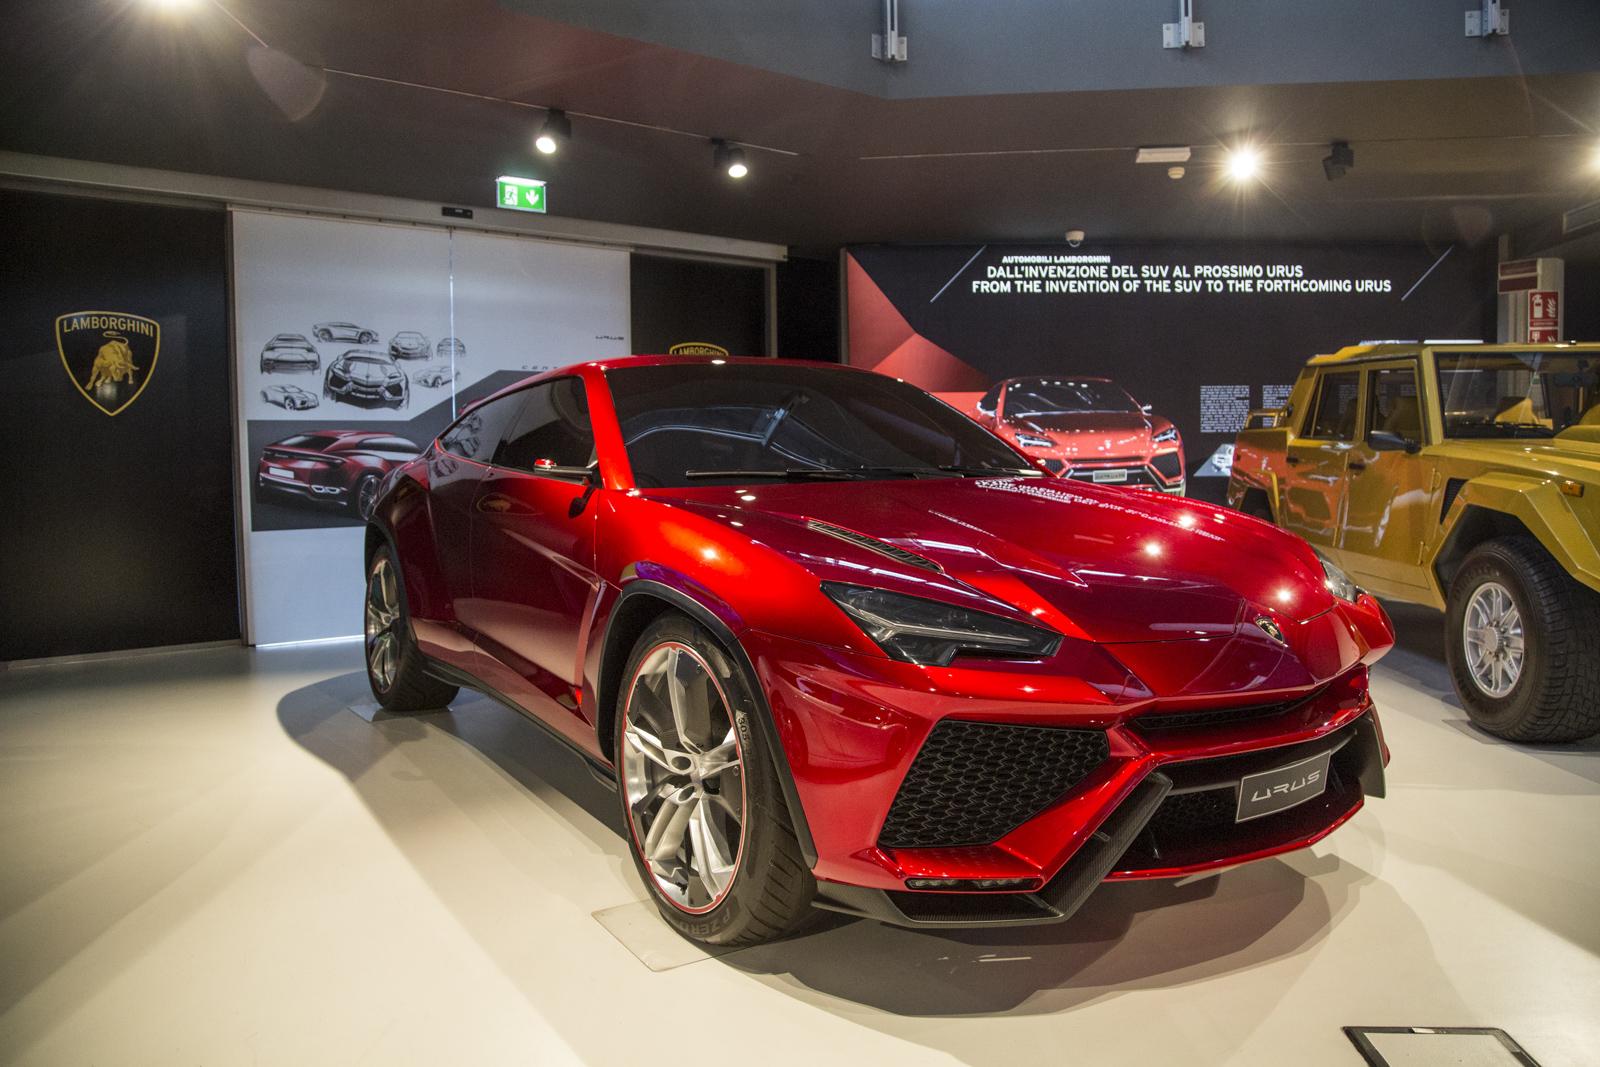 Lamborghini_museum_17